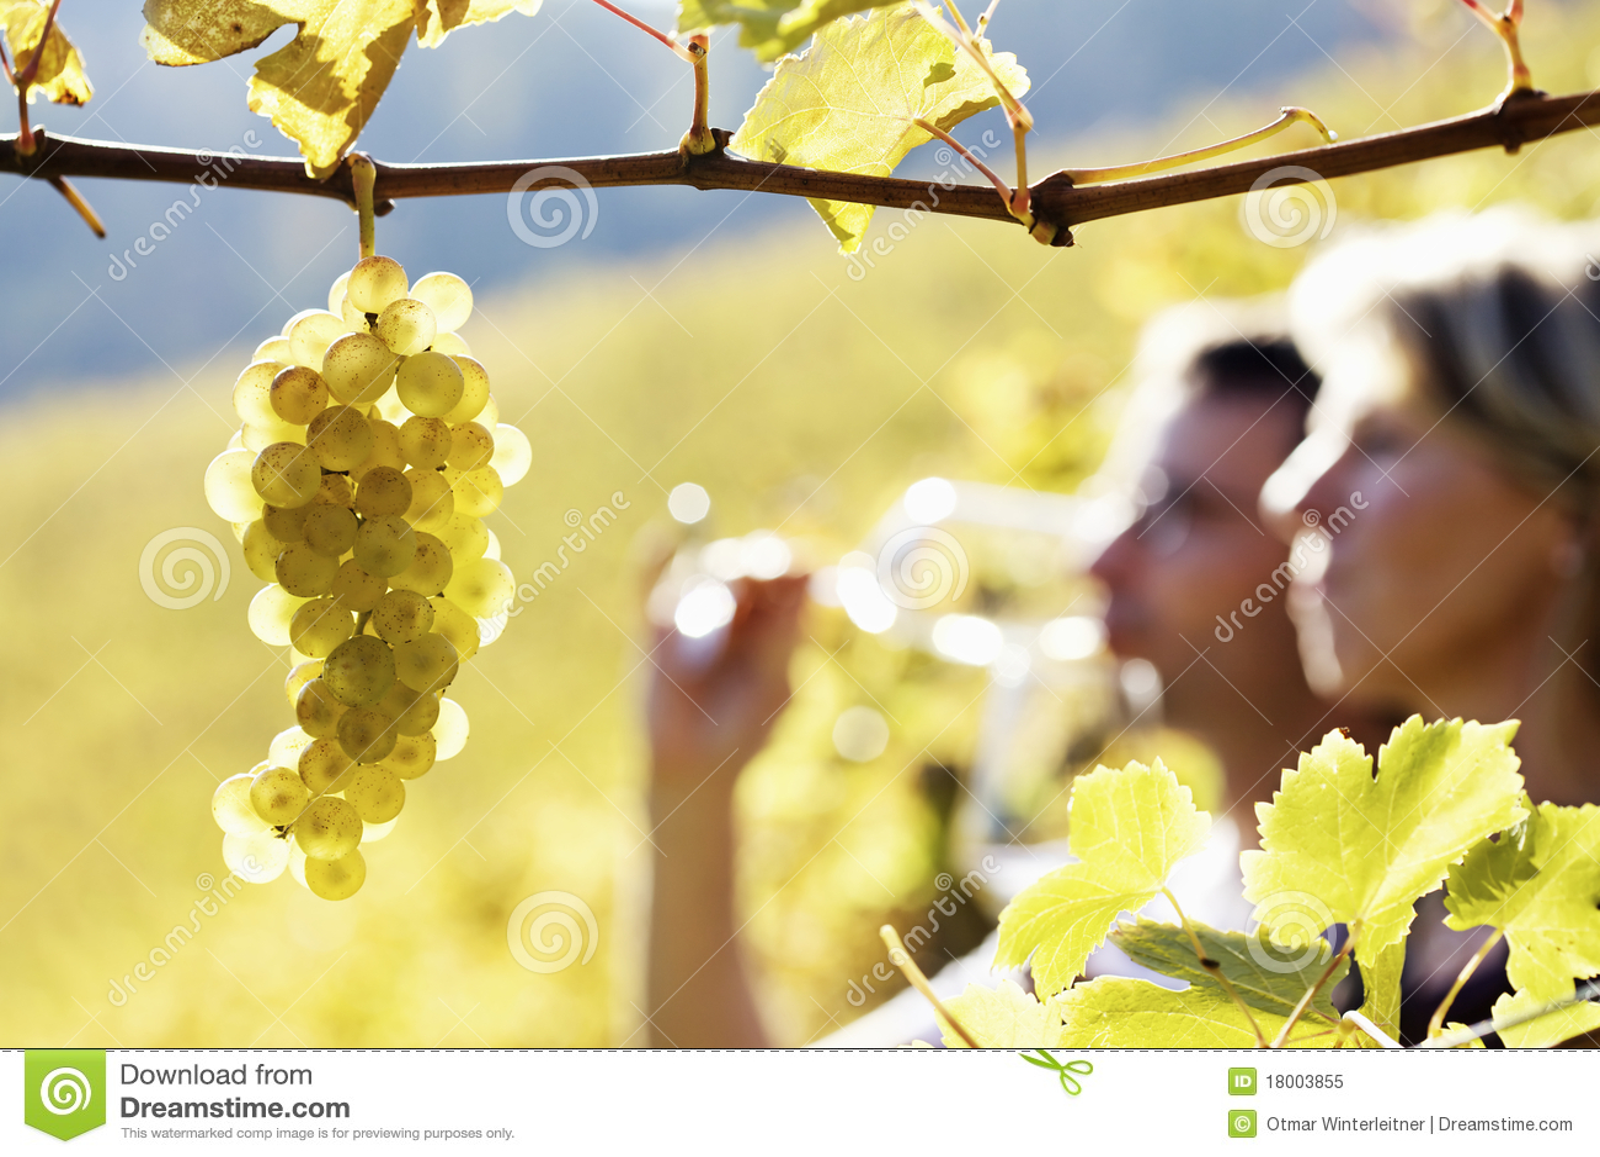 夫妇品尝葡萄园酒